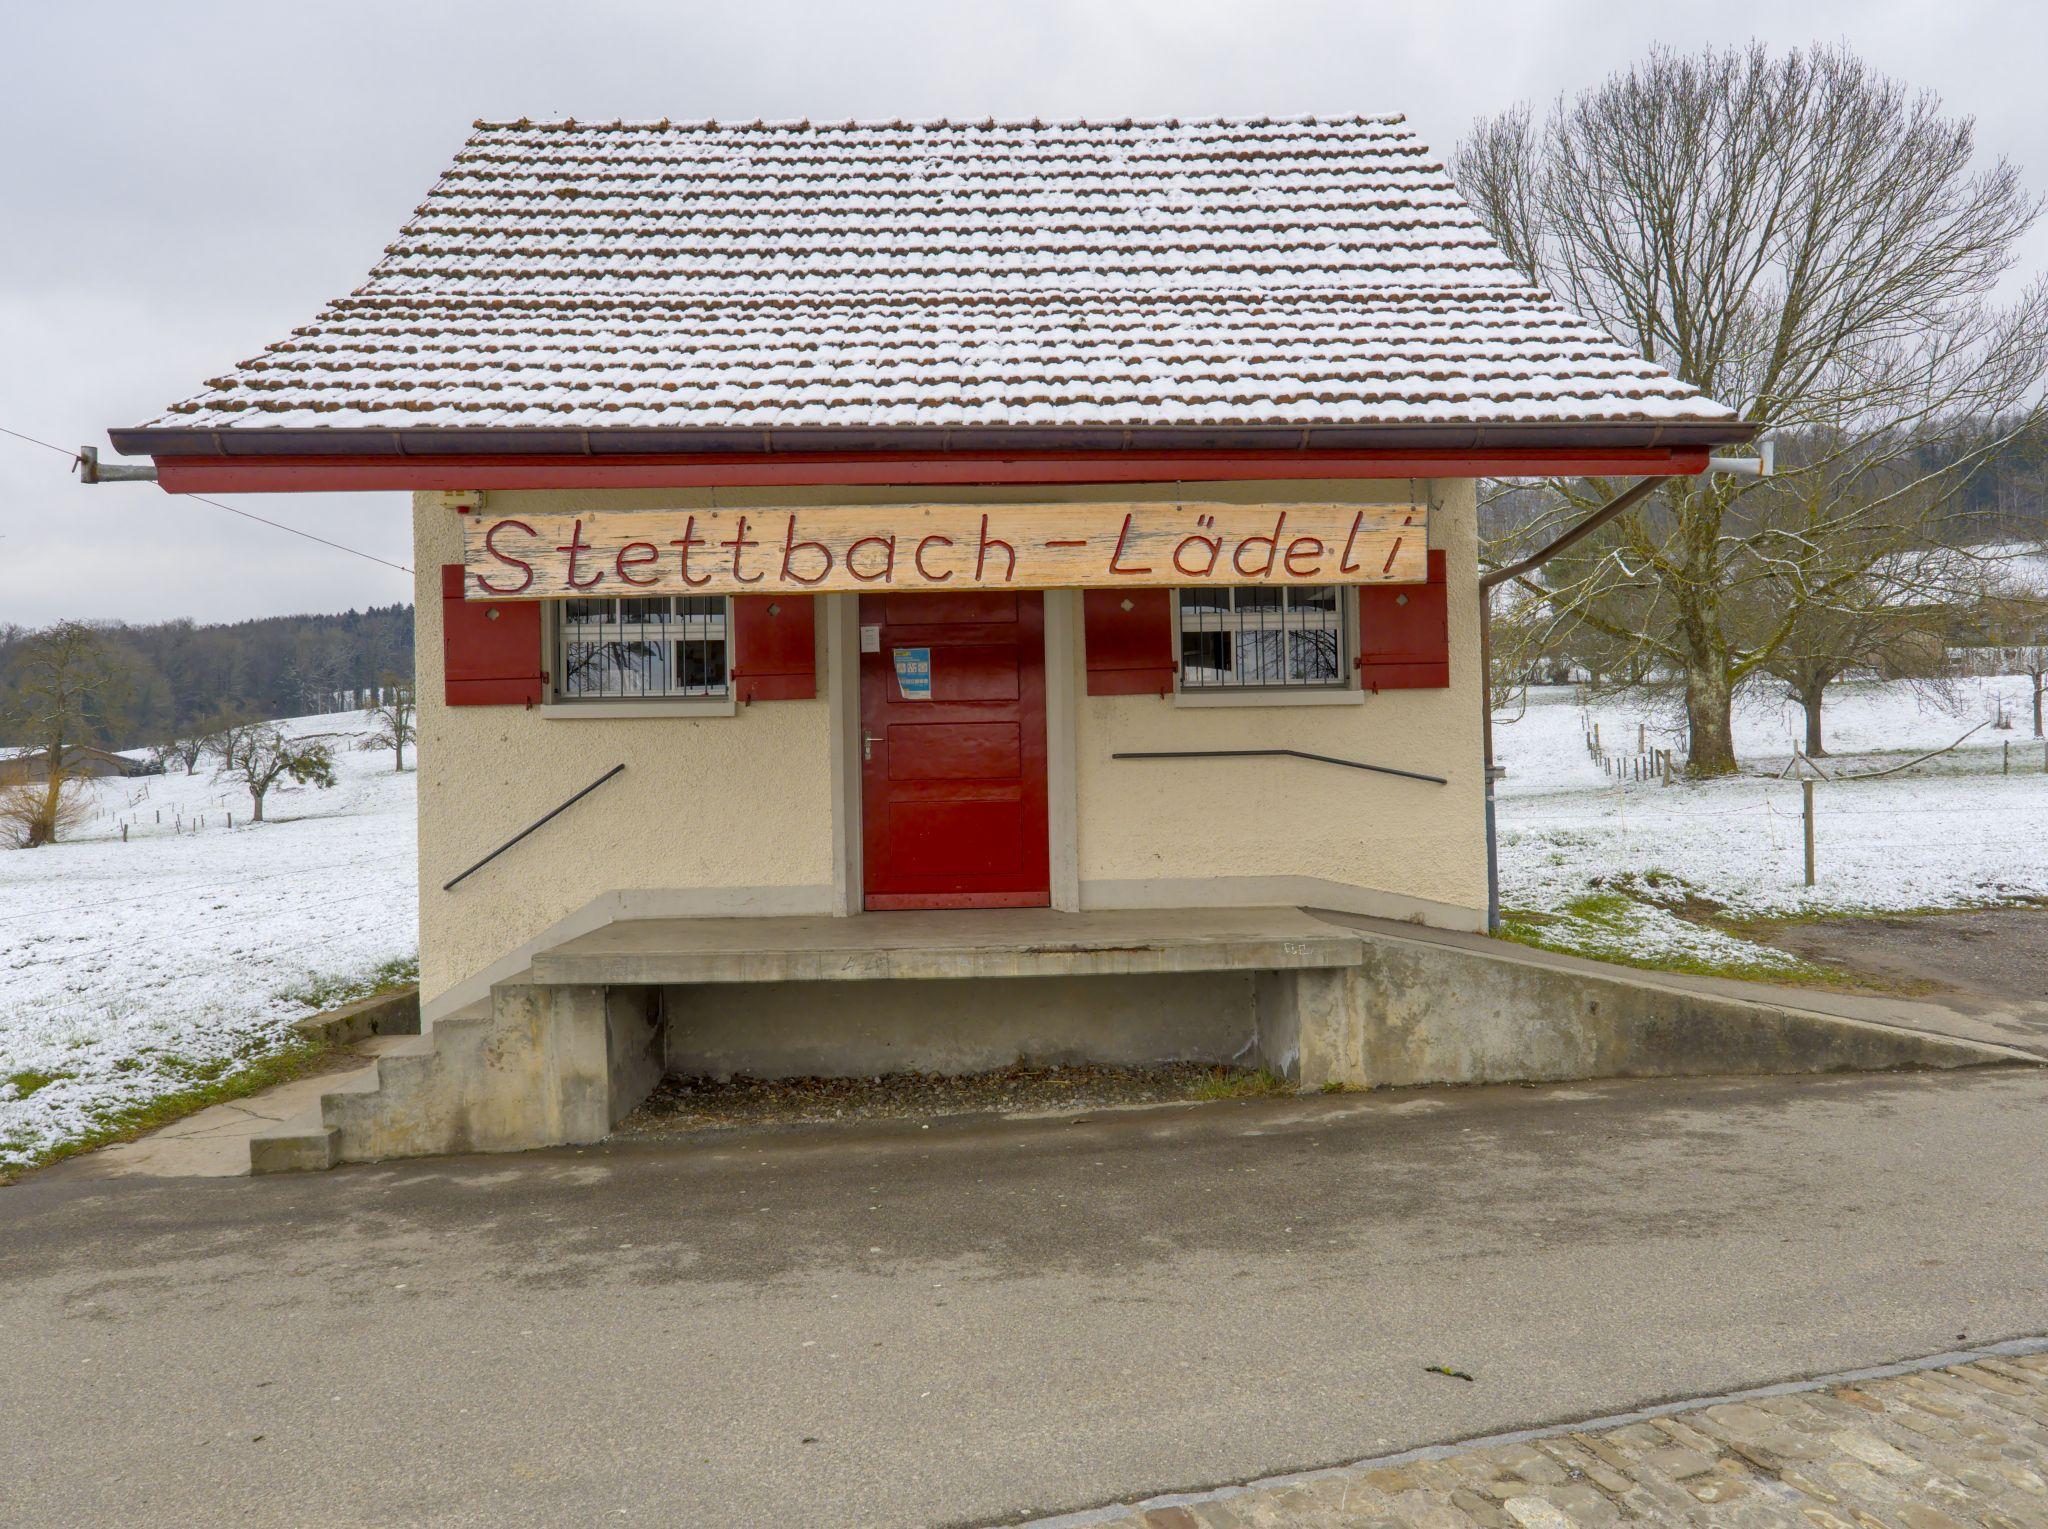 Stettbach, Switzerland